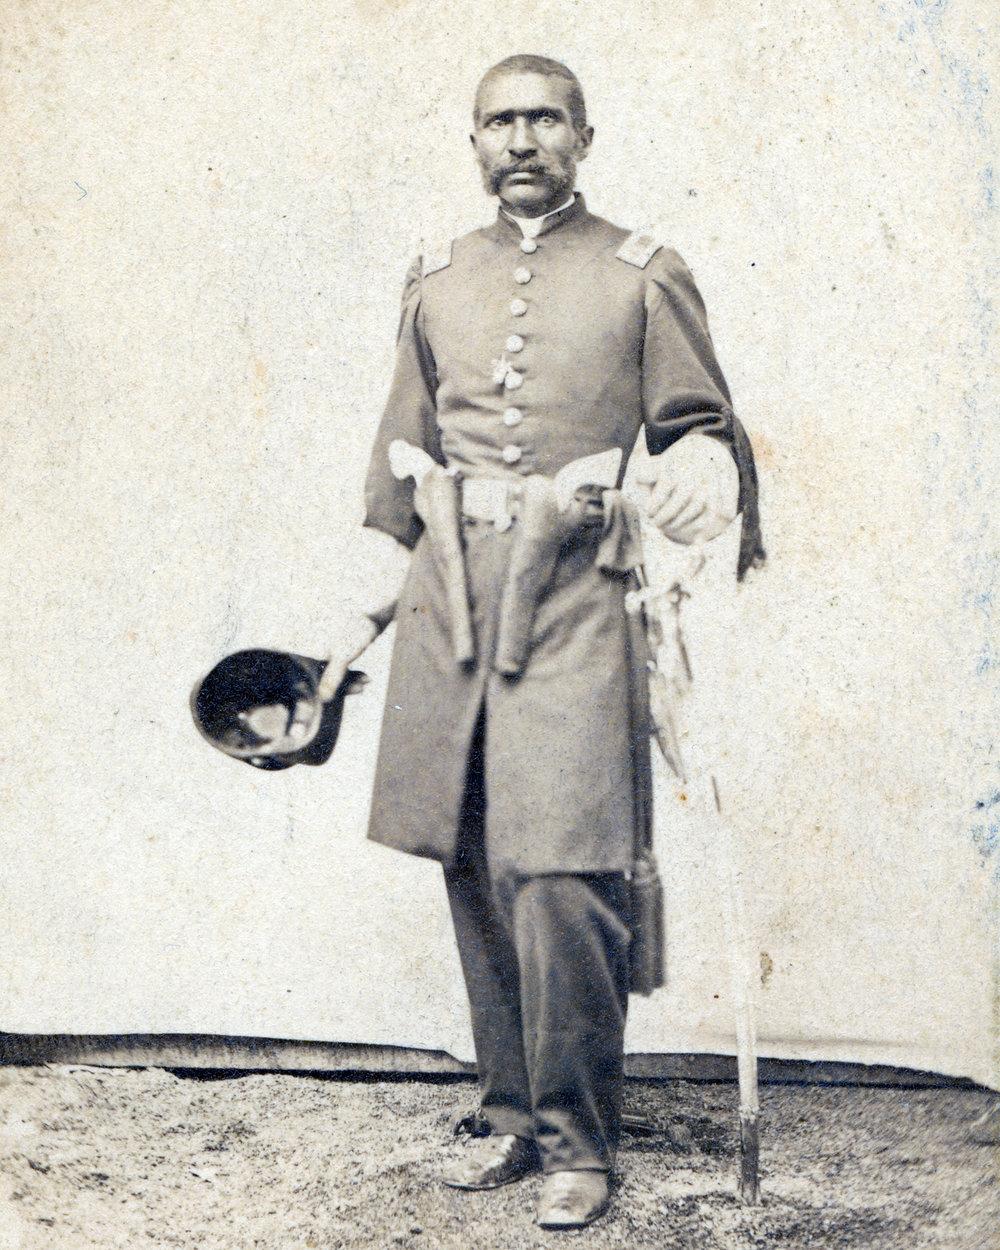 William D. Matthews